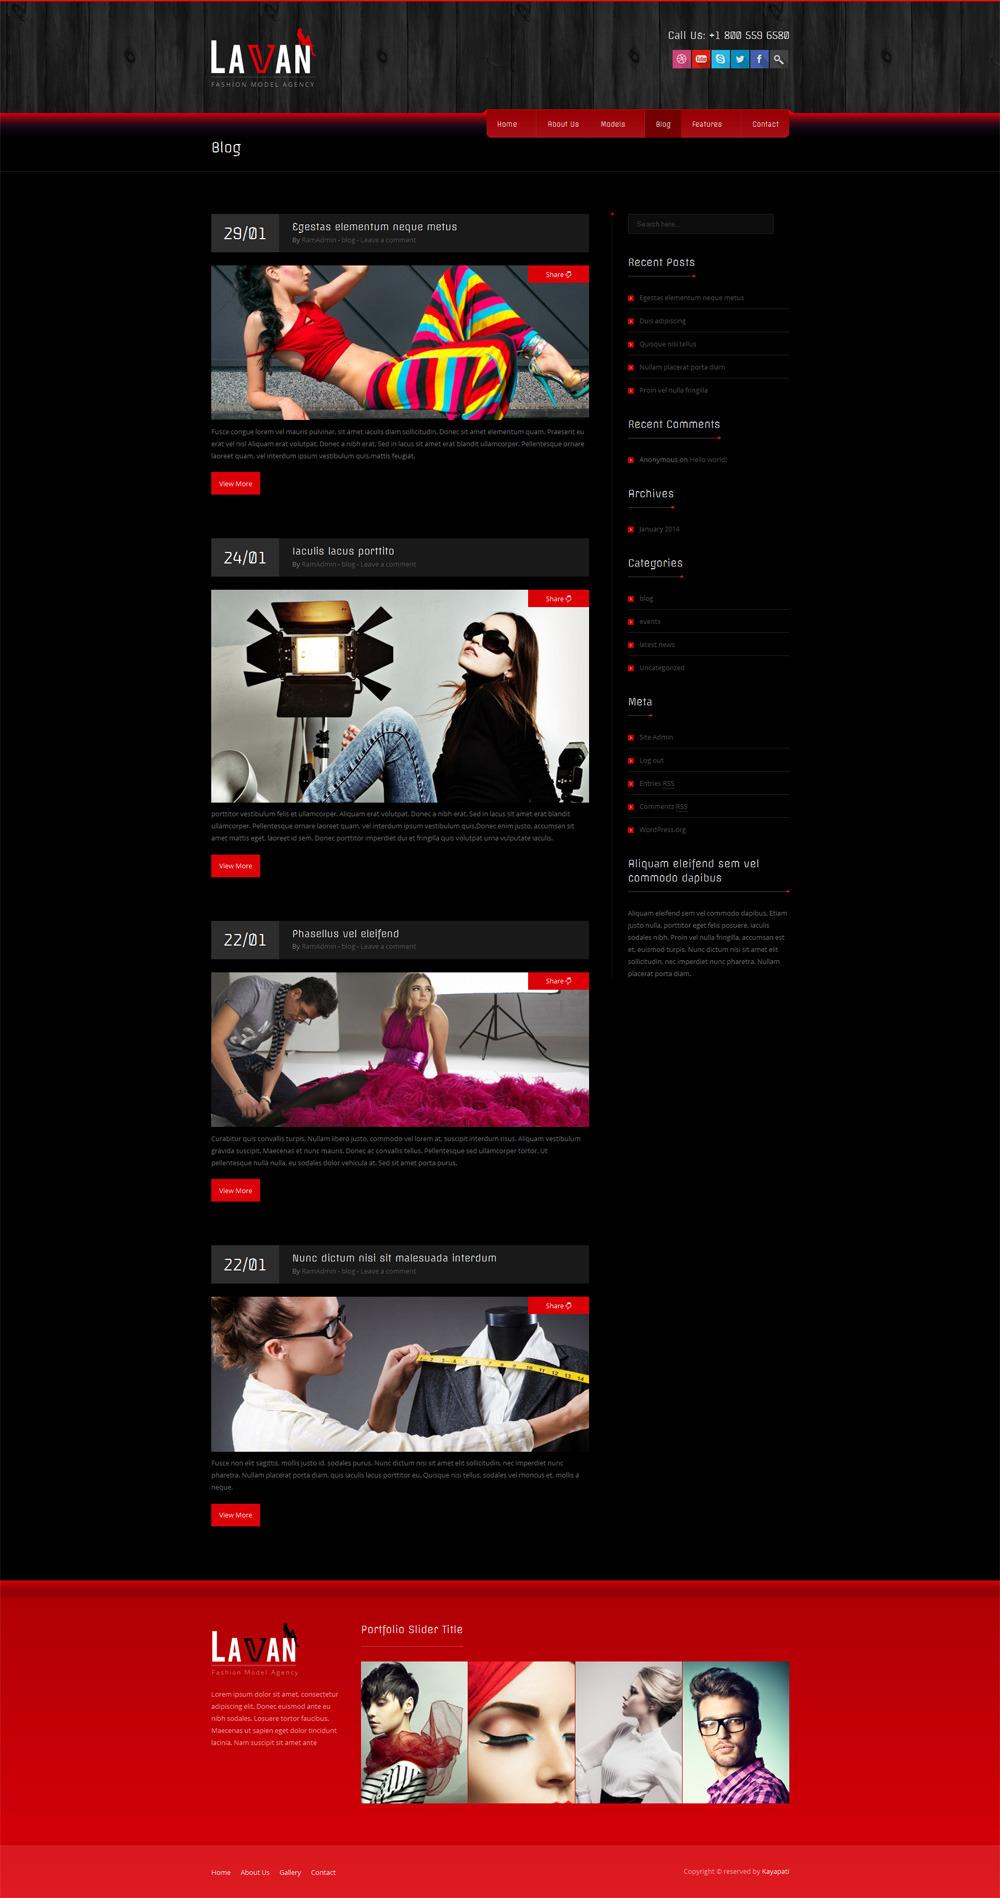 Lavan - Fashion Model Agency WordPress CMS Theme